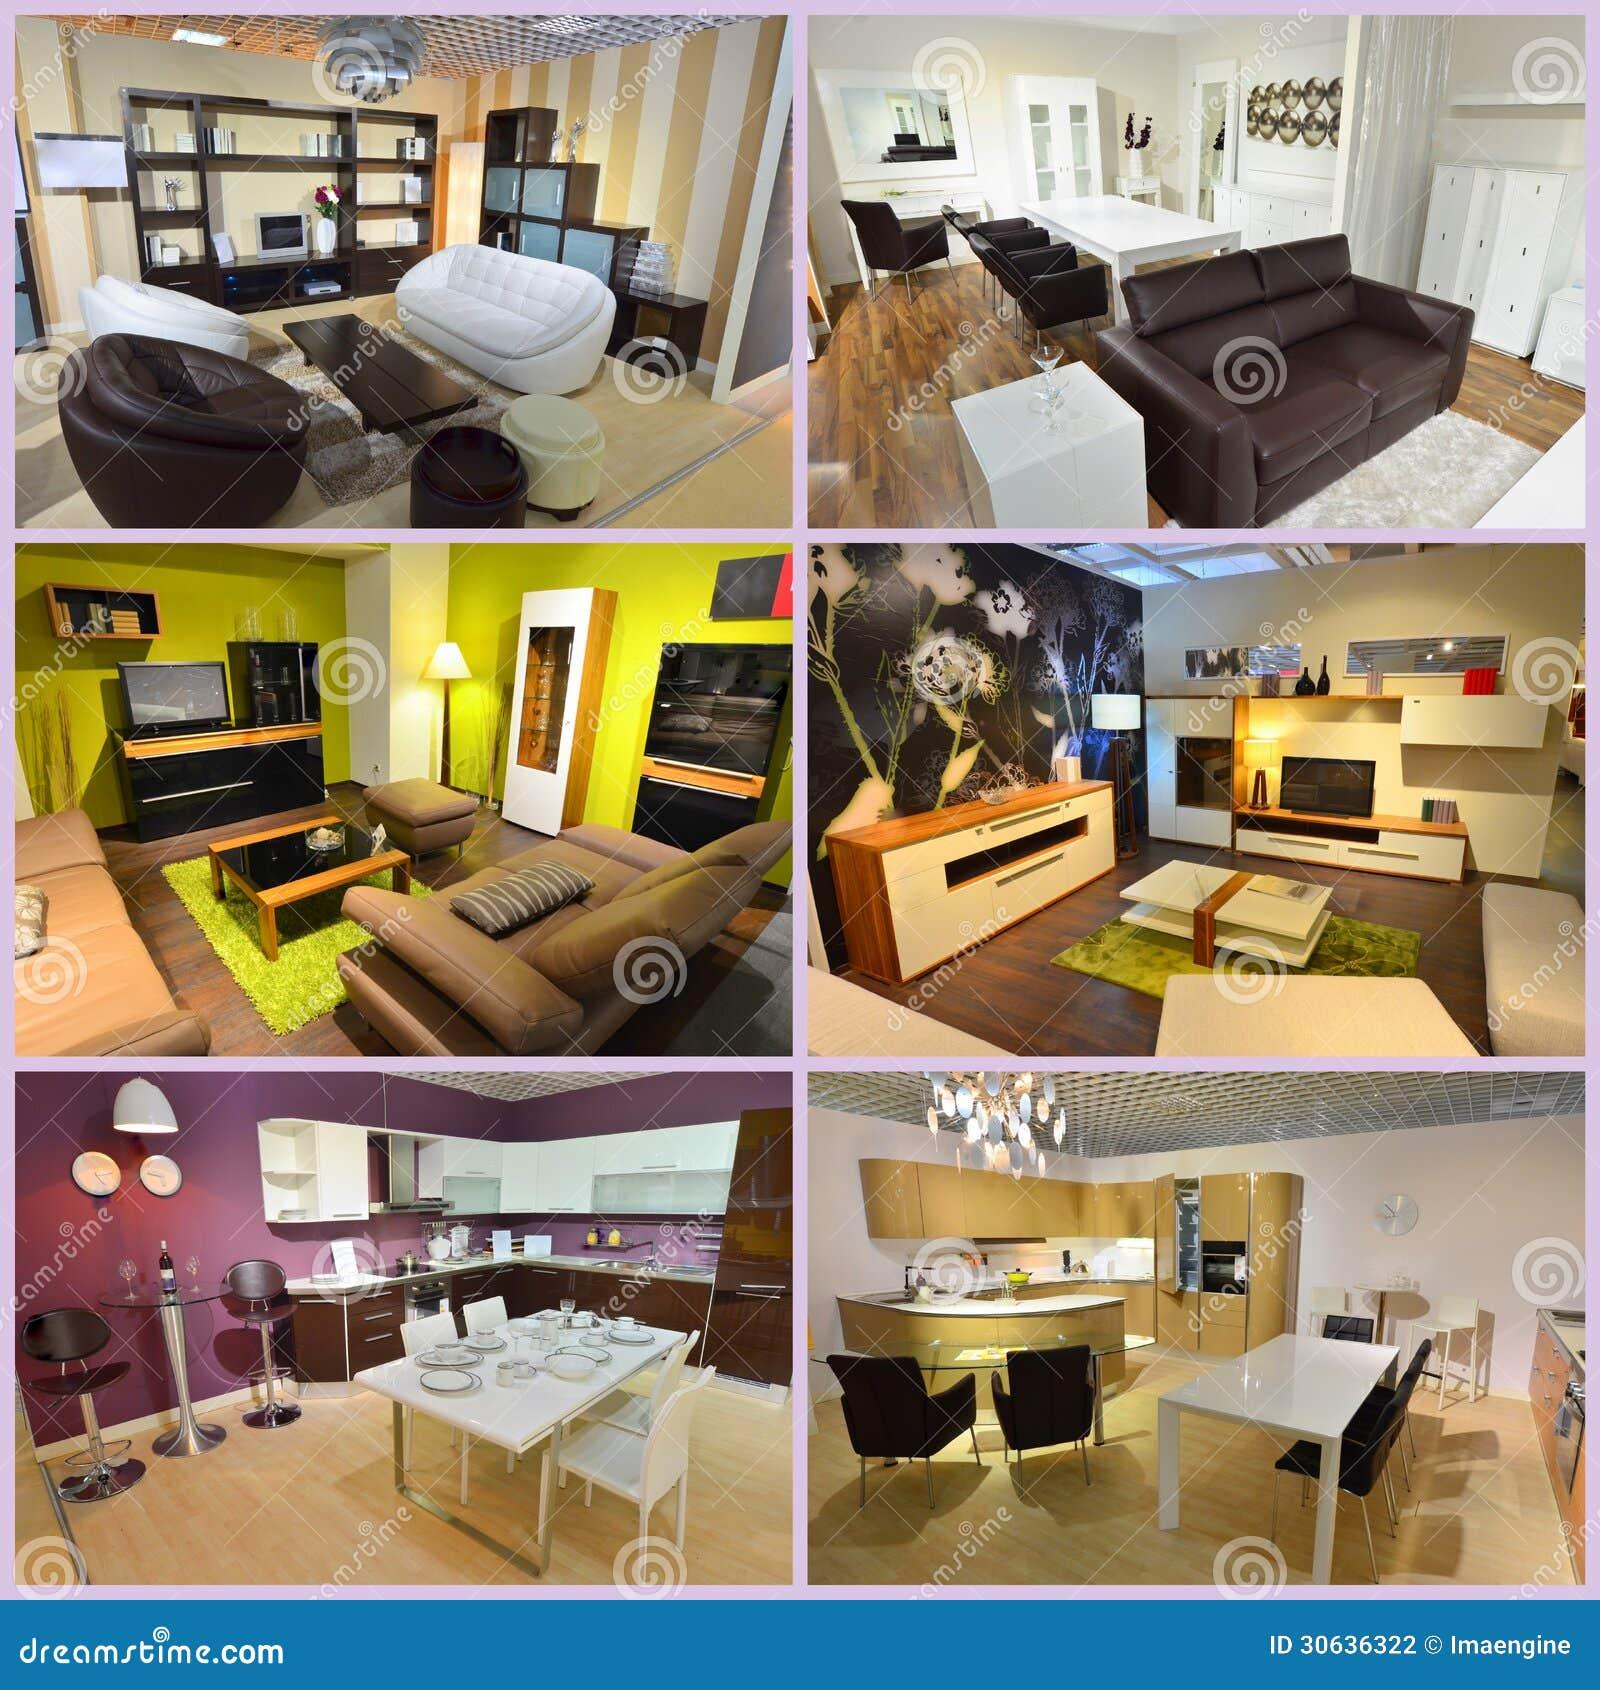 Collage Des Wohnzimmers Und Des Esszimmers Stockfoto Bild Von Esszimmers Wohnzimmers 30636322